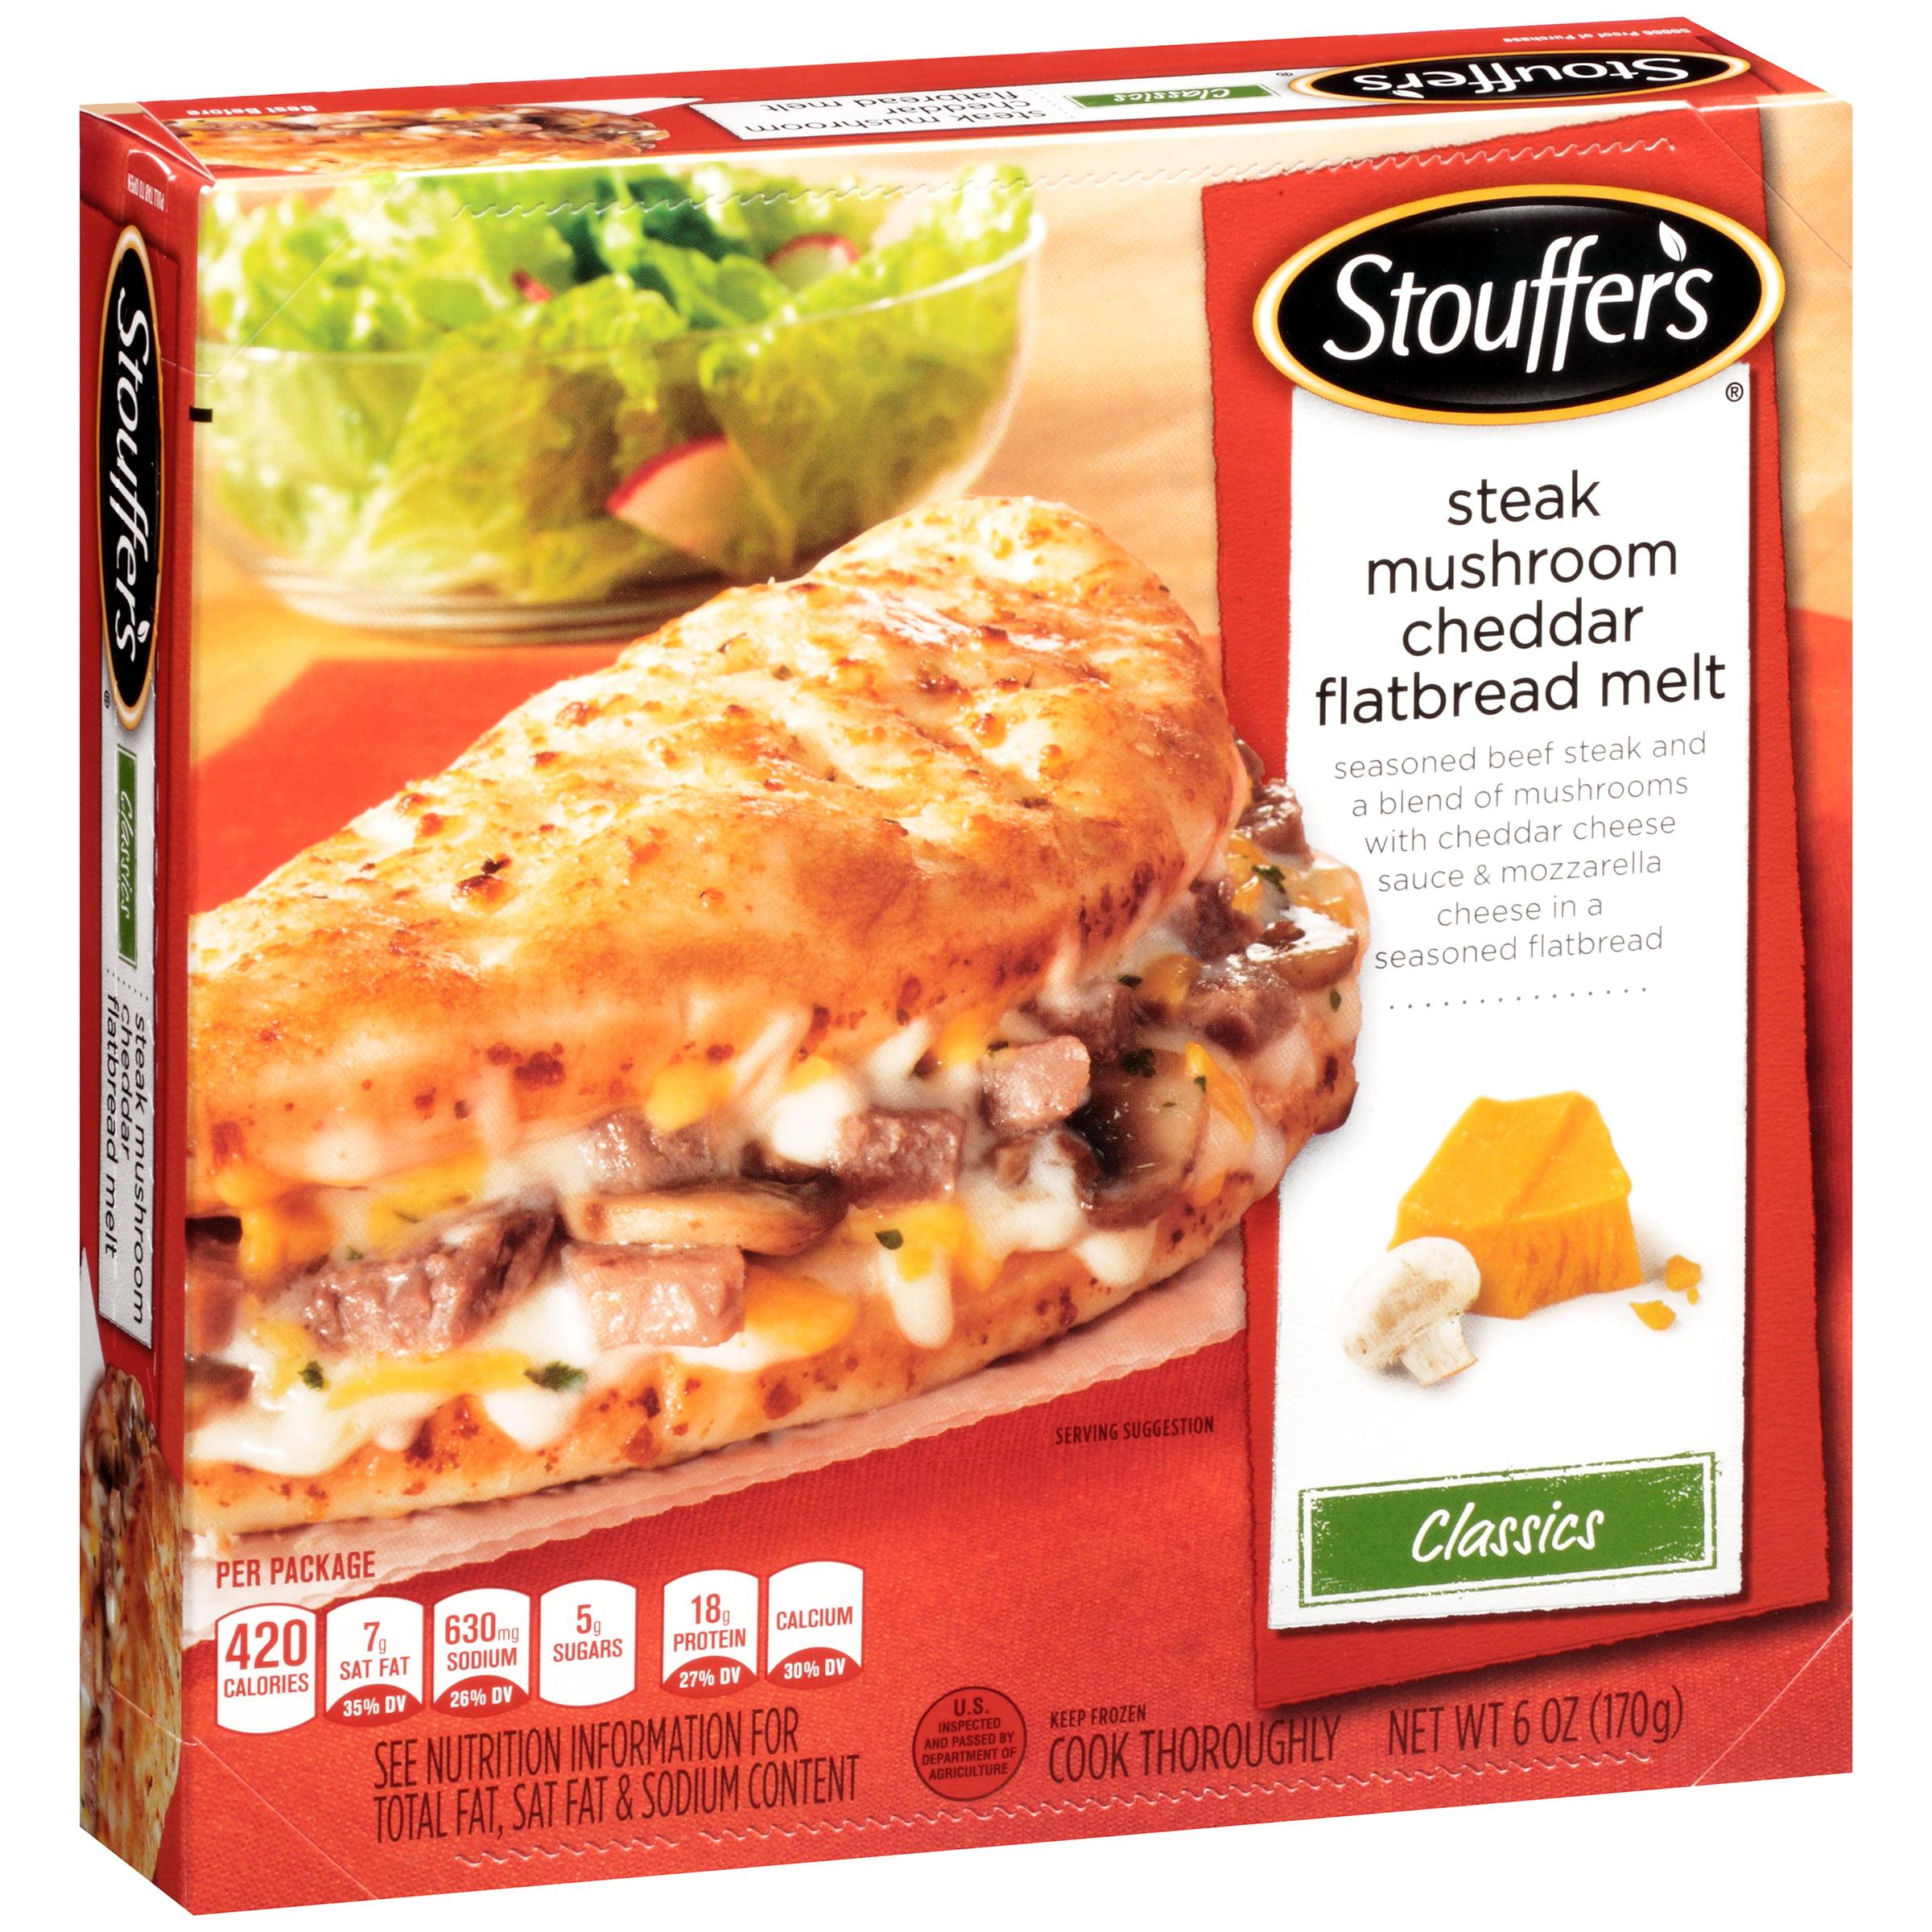 STOUFFER'S Classics Steak Mushroom Cheddar Flatbread Melt 6 oz. Box